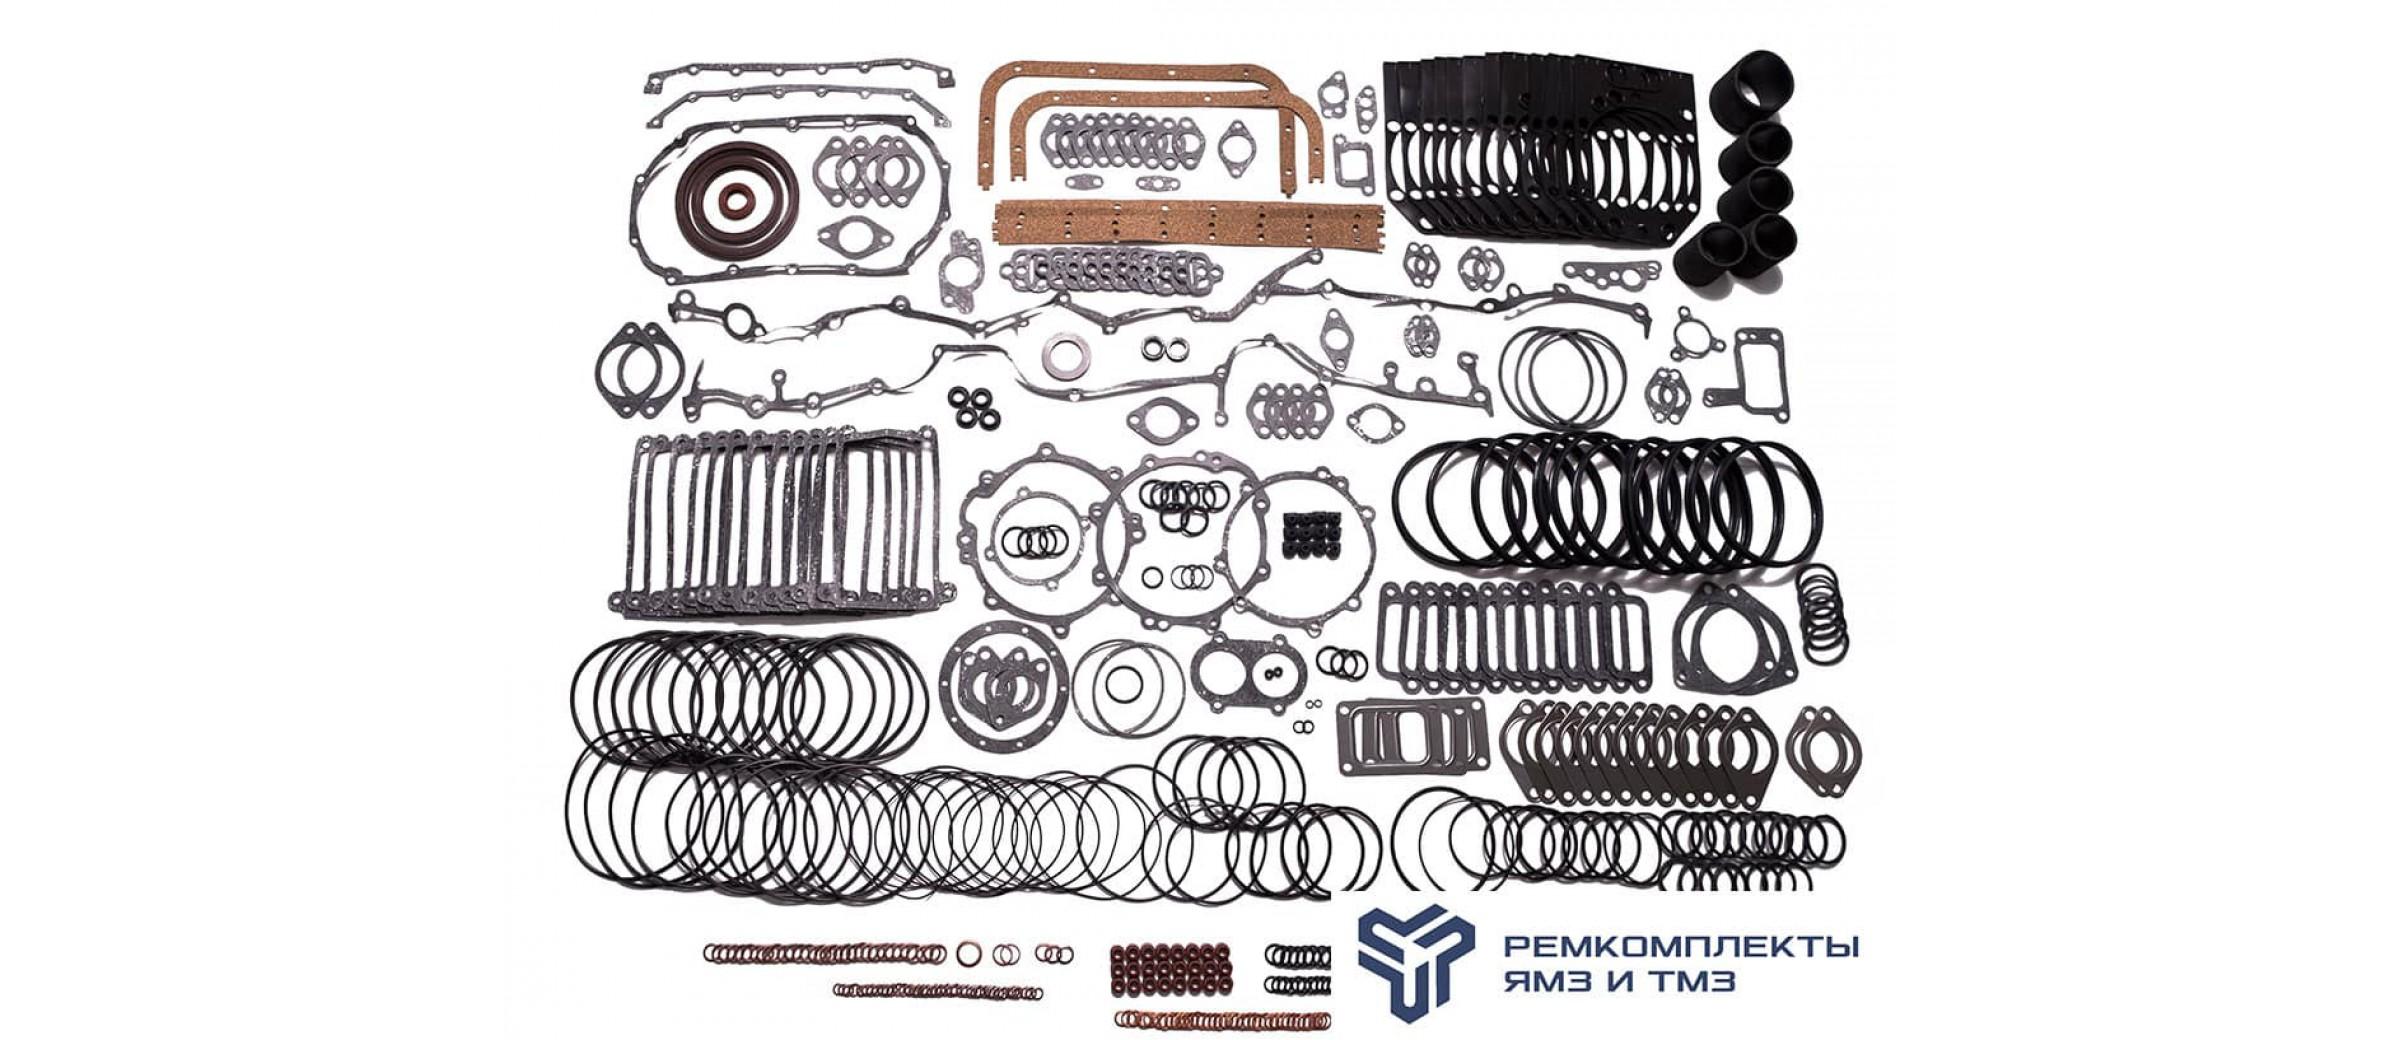 Ремкомплект деталей для ремонта двигателя ЯМЗ-850.10, 8510.10